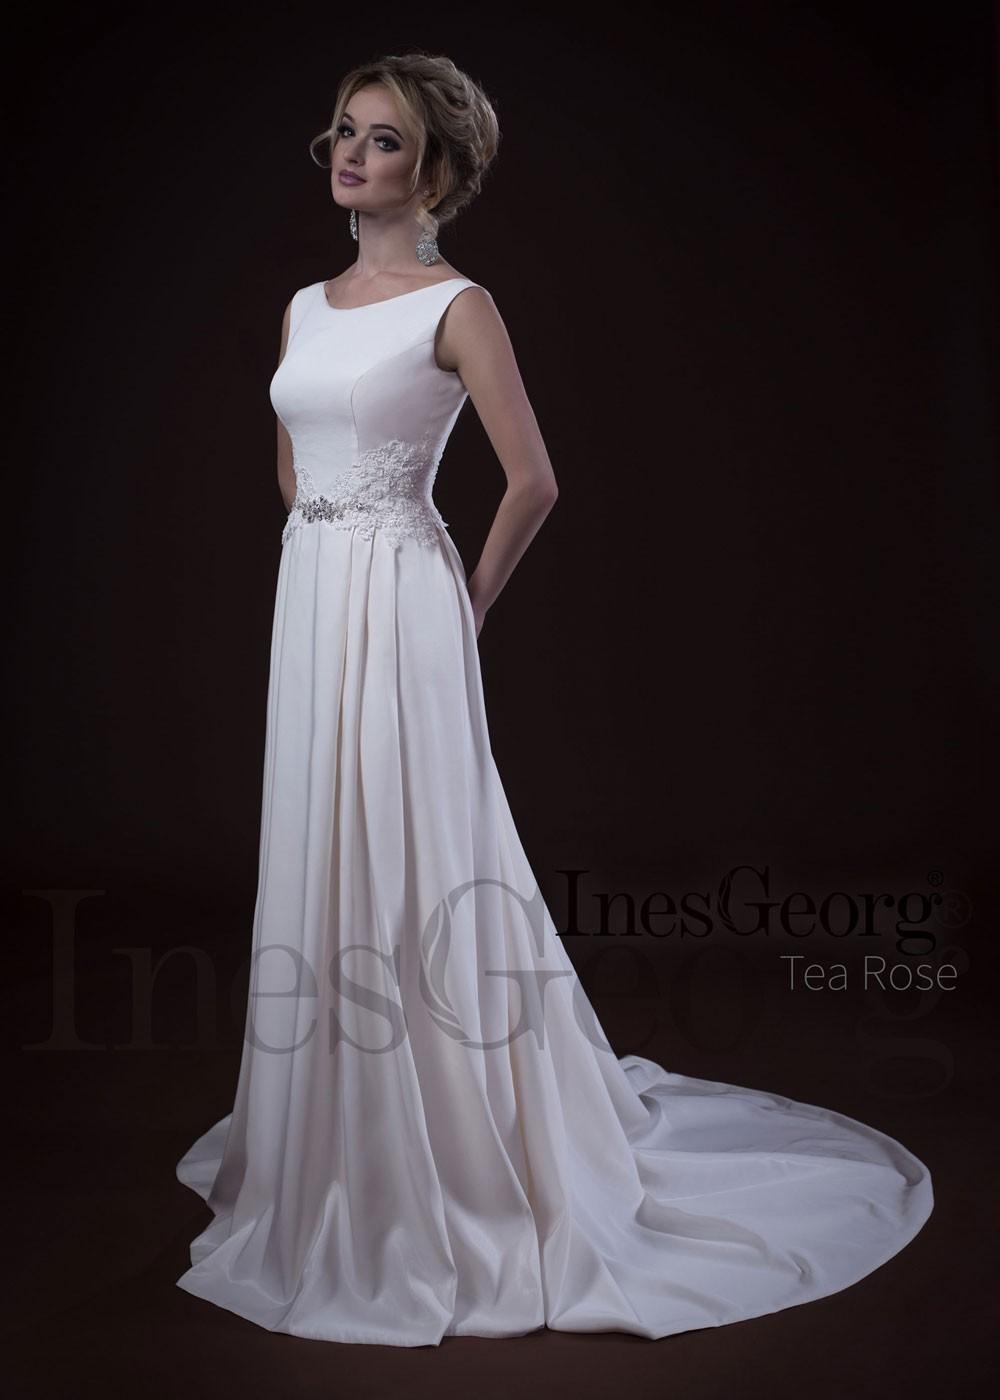 Svadobné šaty pre tehotné - Modrý koník d9235265d8f